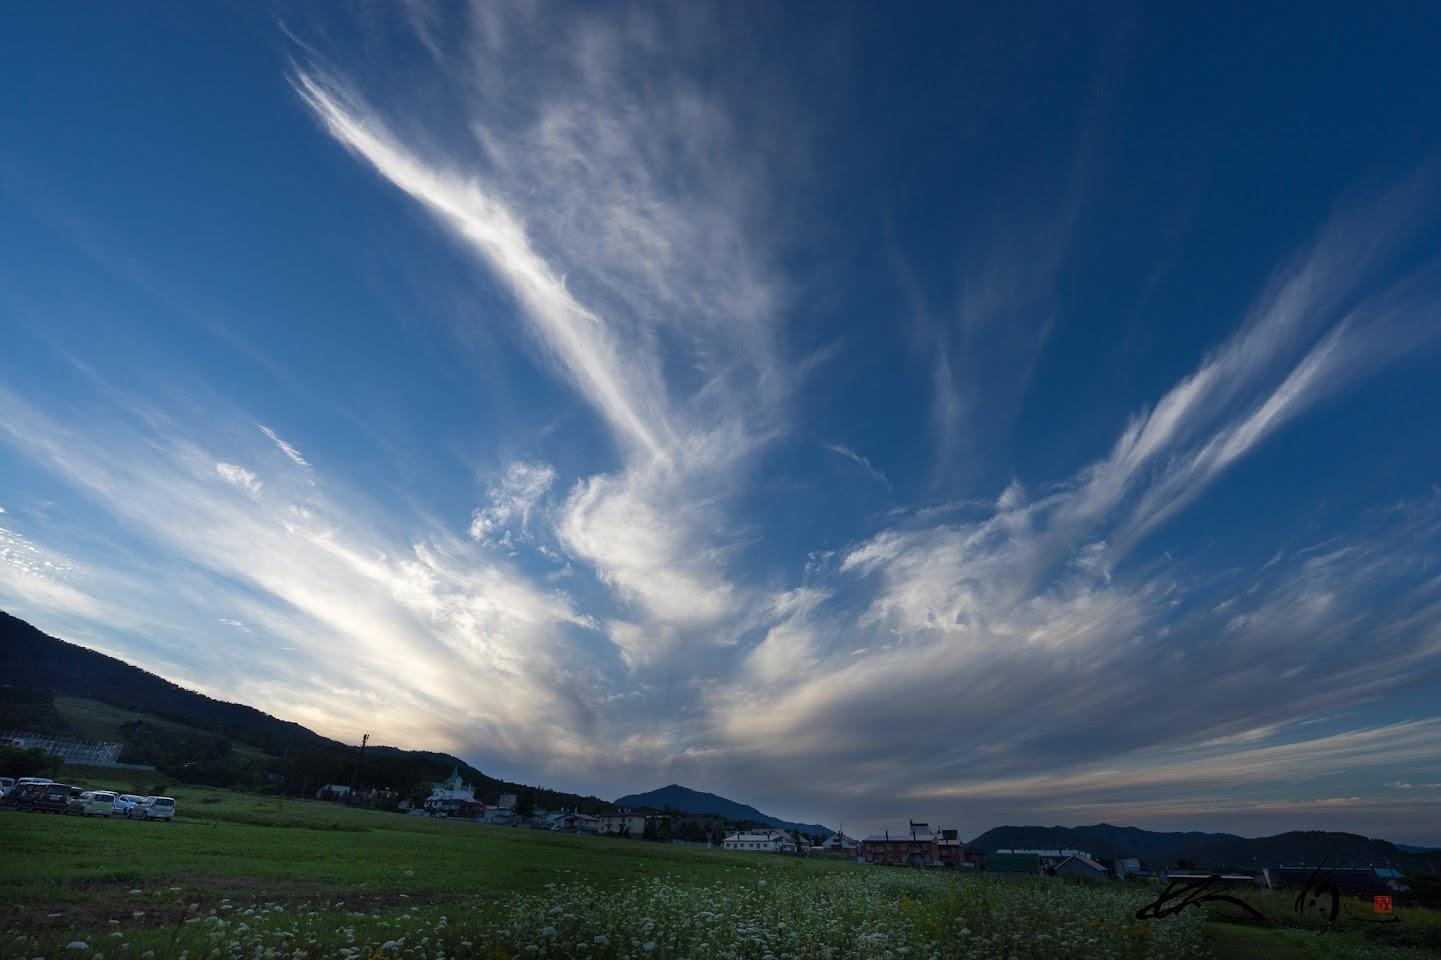 秋の雲が羽ばたく雄大な空